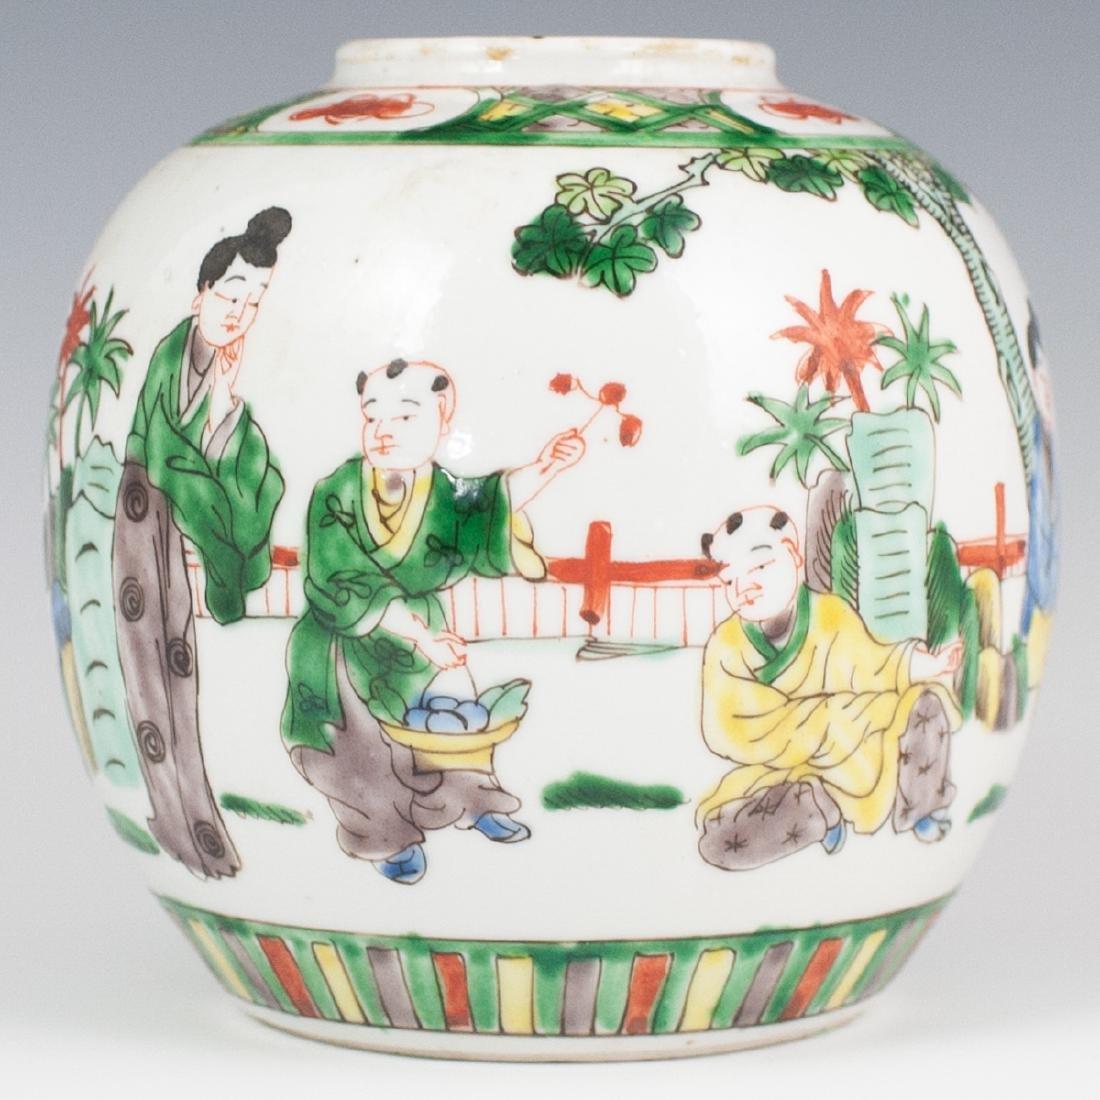 Chinese Porcelain Famille Verte Ginger Jar